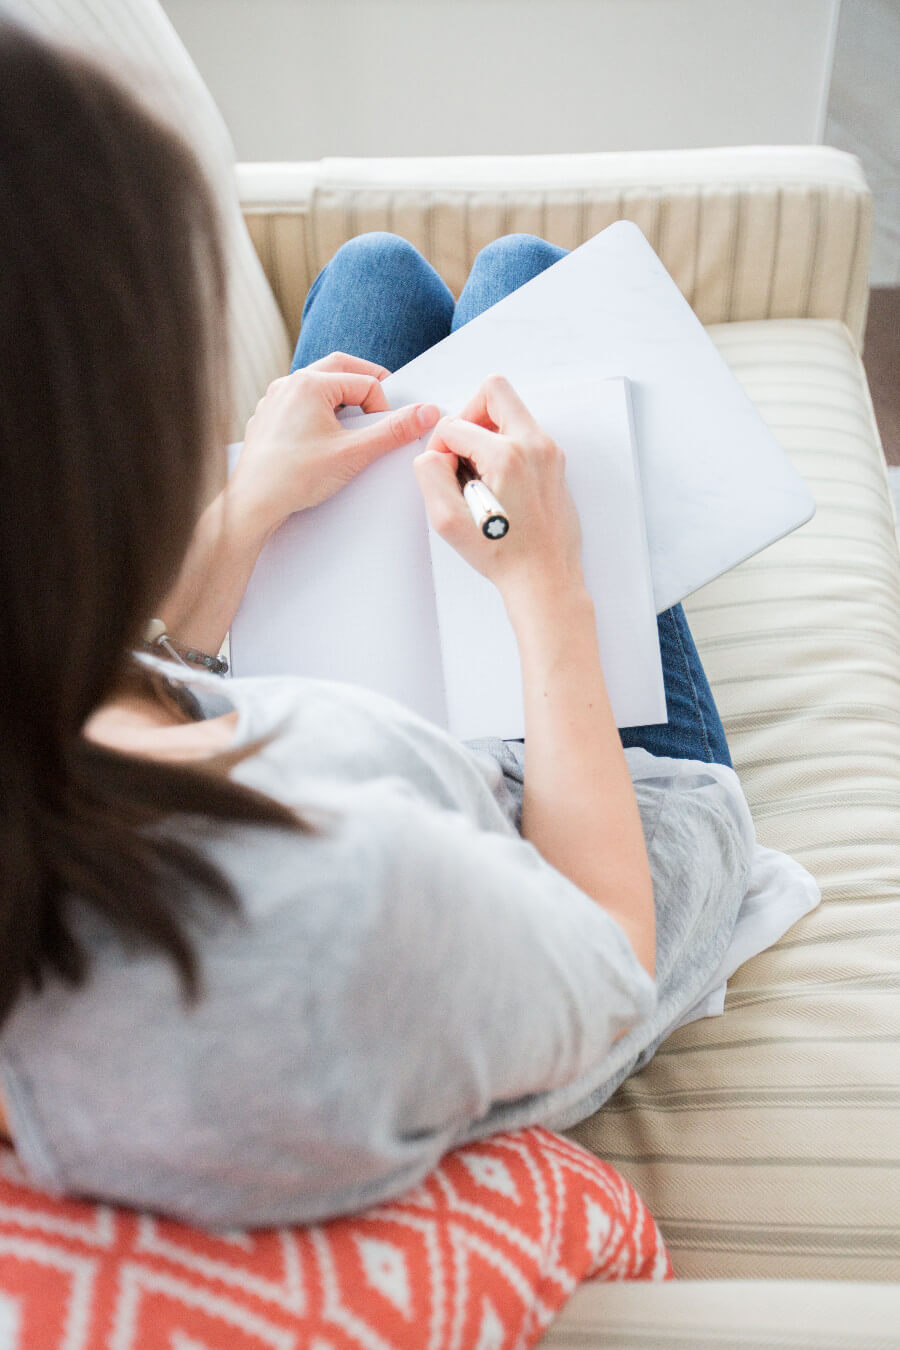 Dedykacja do książki - jak pisać, dlaczego warto używać cytatów